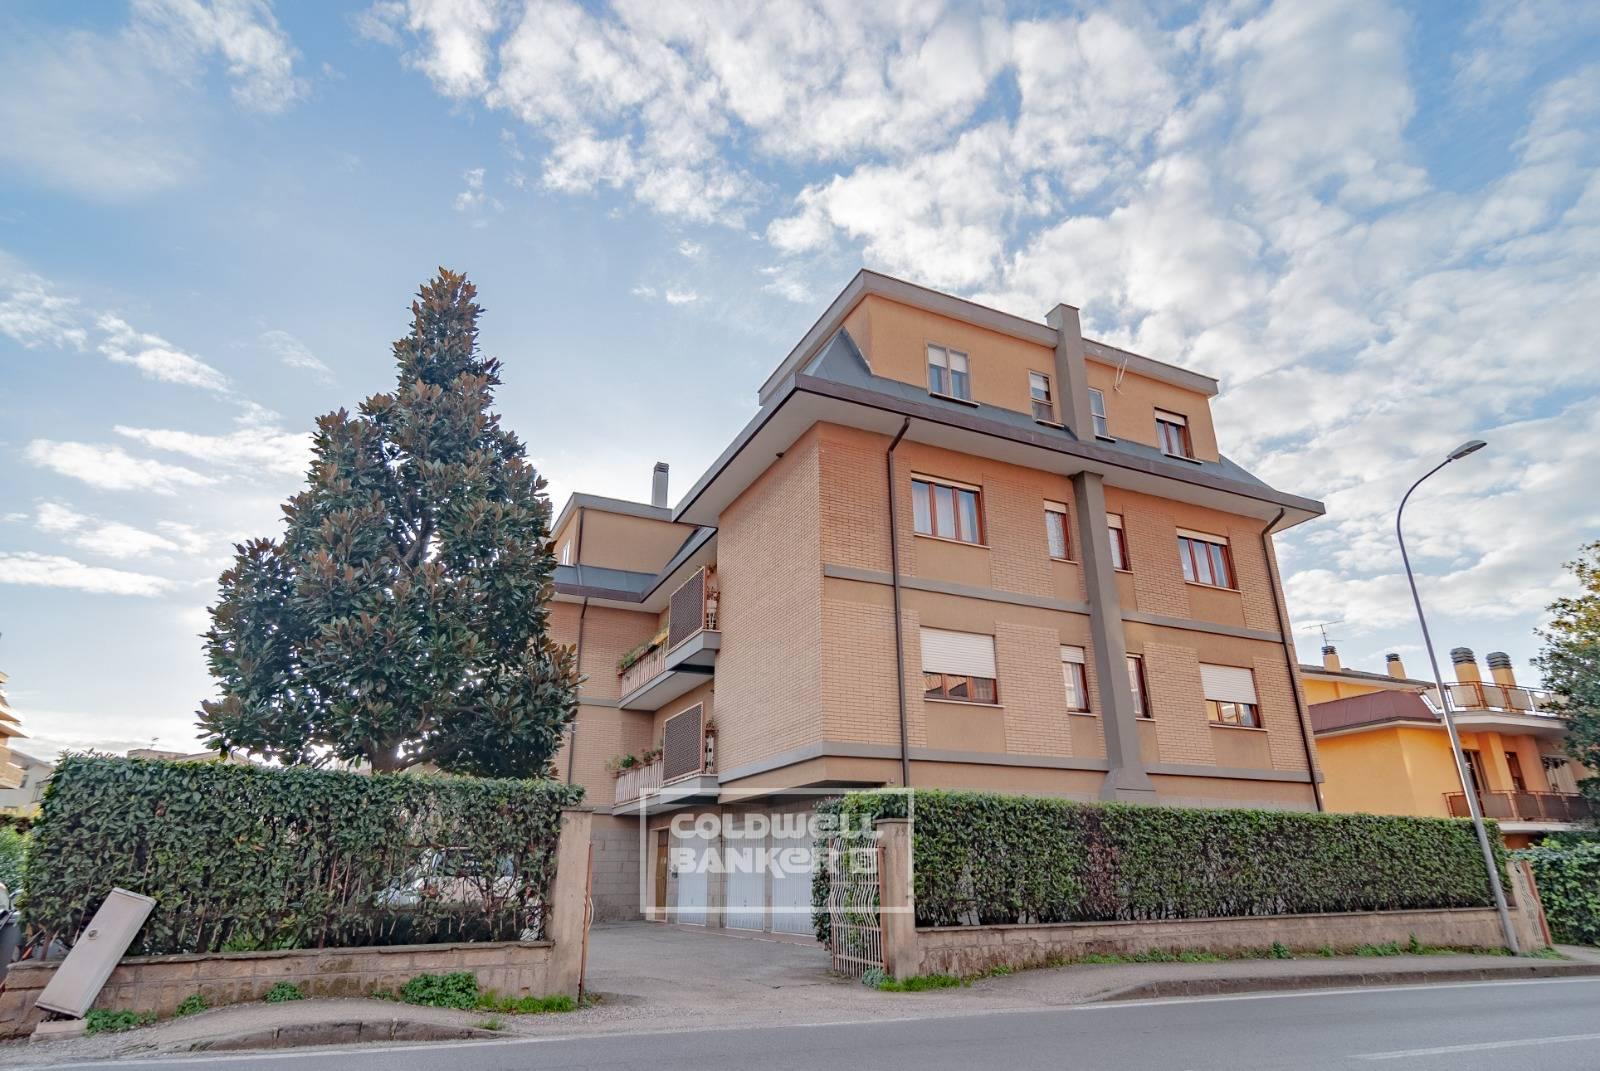 Appartamento in vendita a Viterbo, 3 locali, zona Zona: Semicentro, prezzo € 150.000 | CambioCasa.it